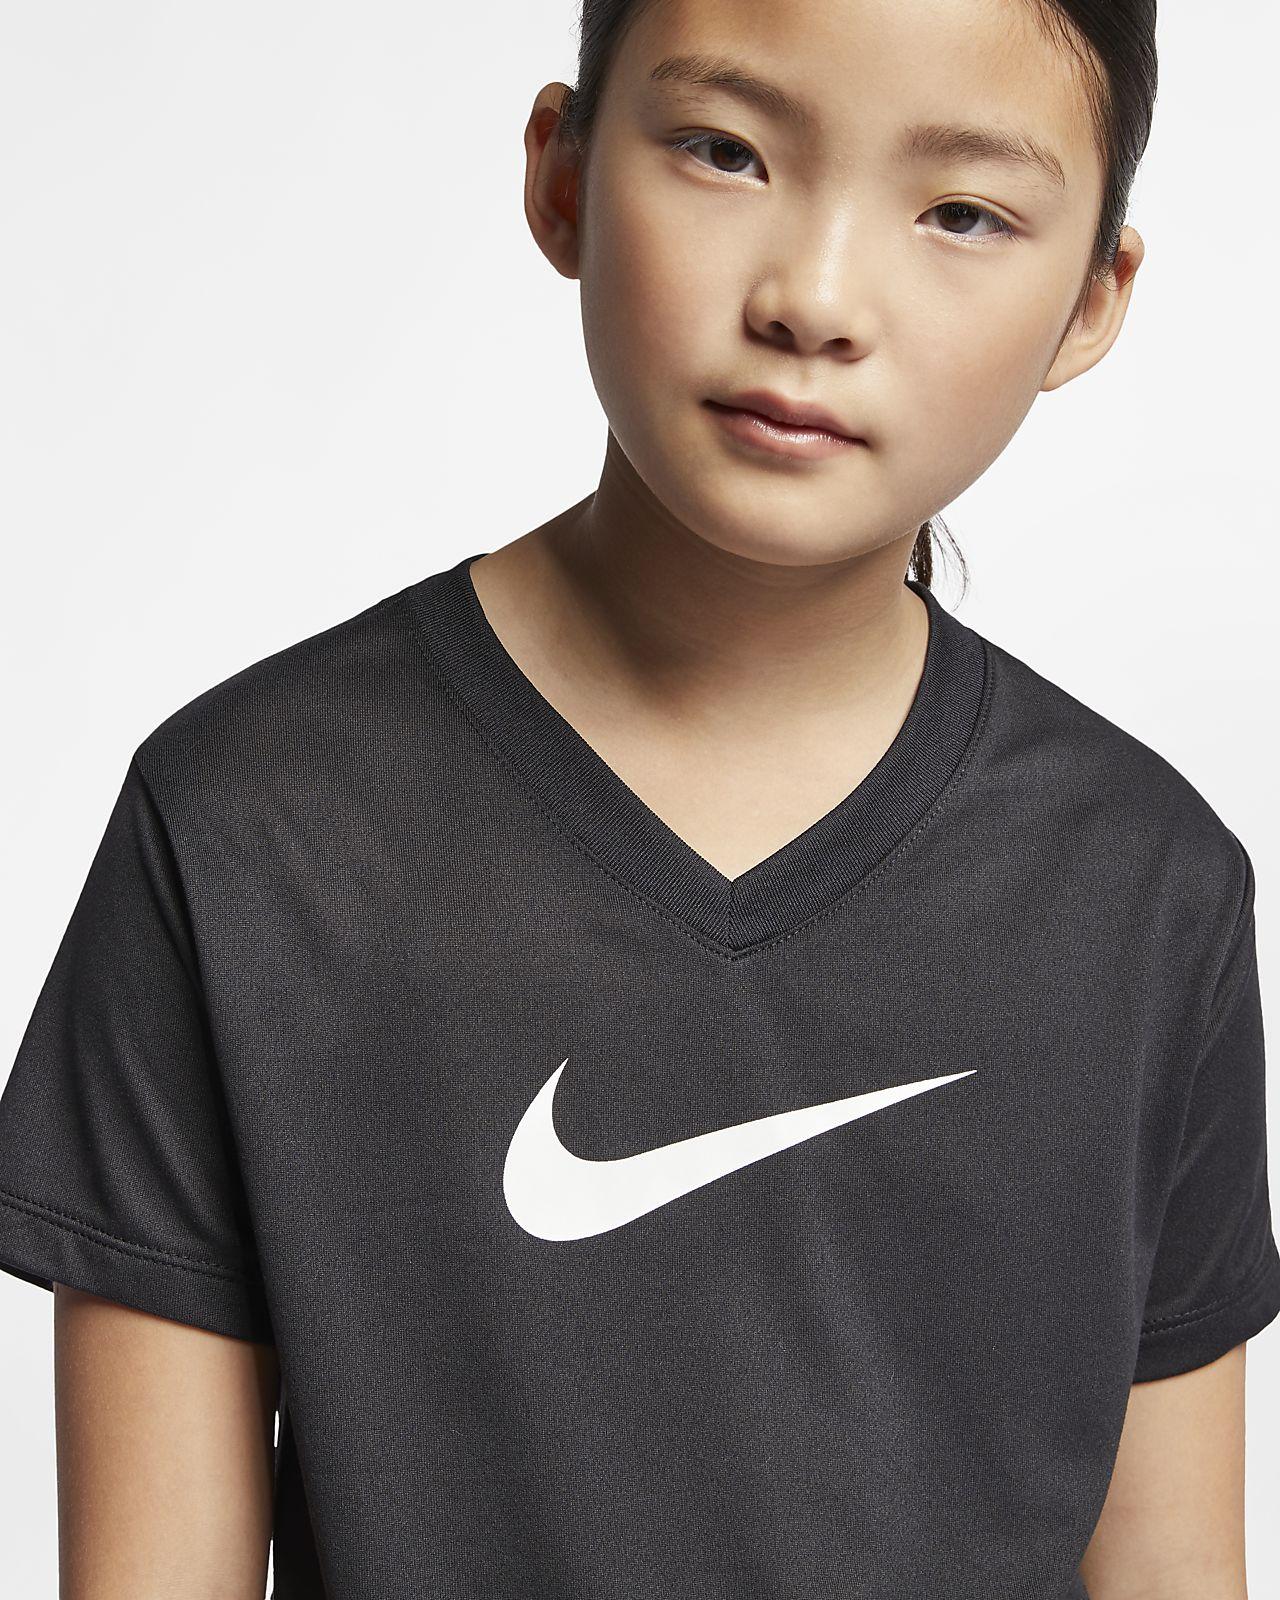 690b1566c0 Nike Dri-FIT Big Kids' Swoosh Training T-Shirt. Nike.com